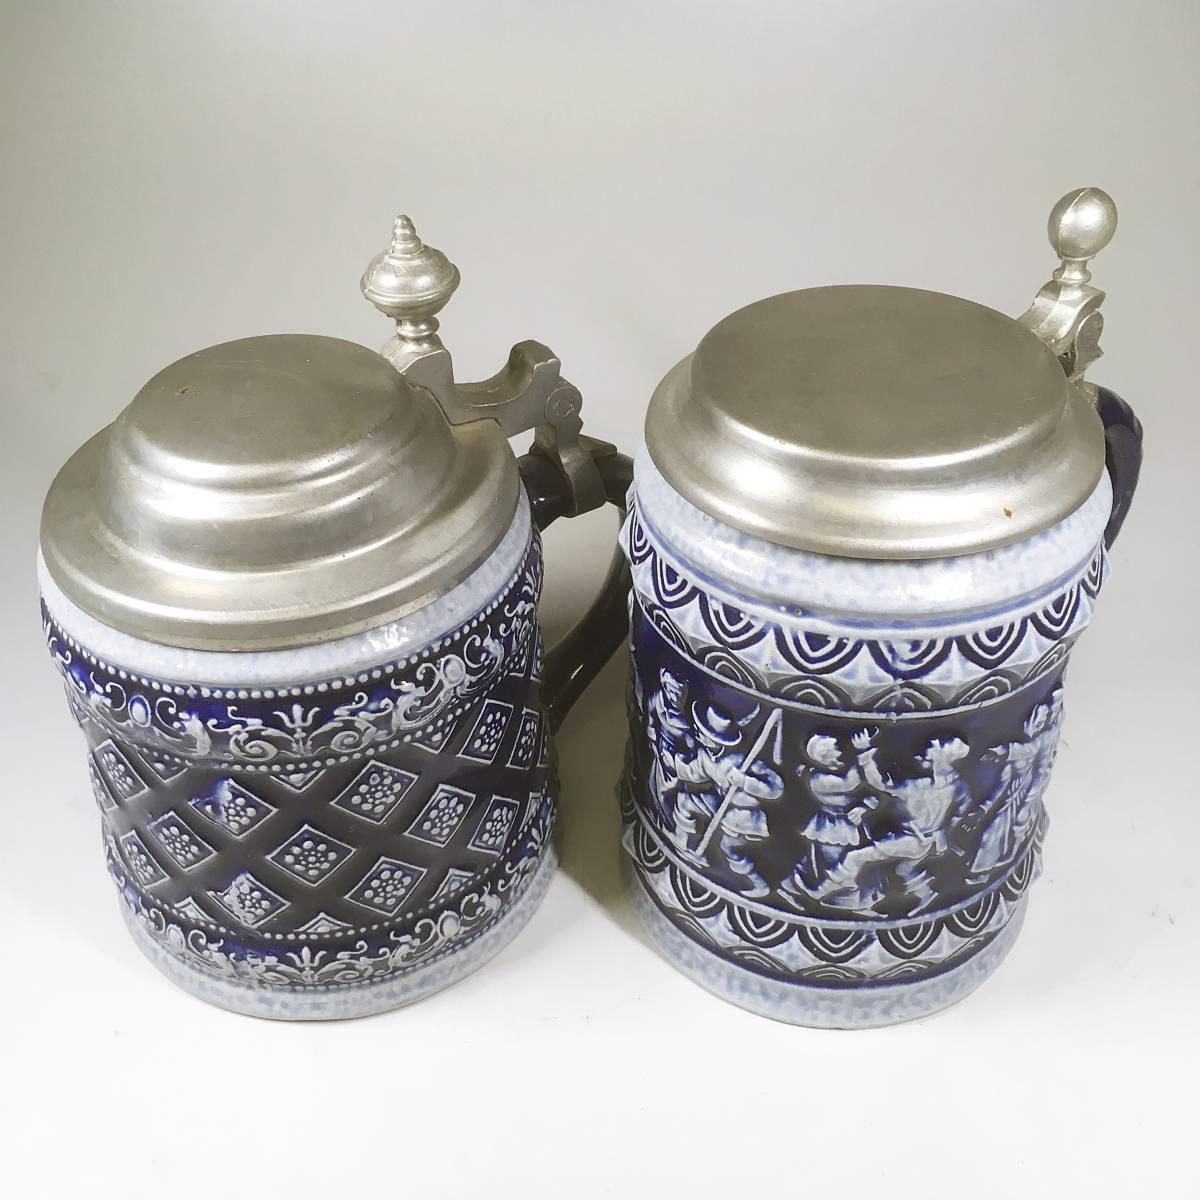 西ドイツ ビールジョッキ ビアグラス 2個セット 彫刻 ドイツスタイル 陶器製 グラス 蓋付 酒器_画像4